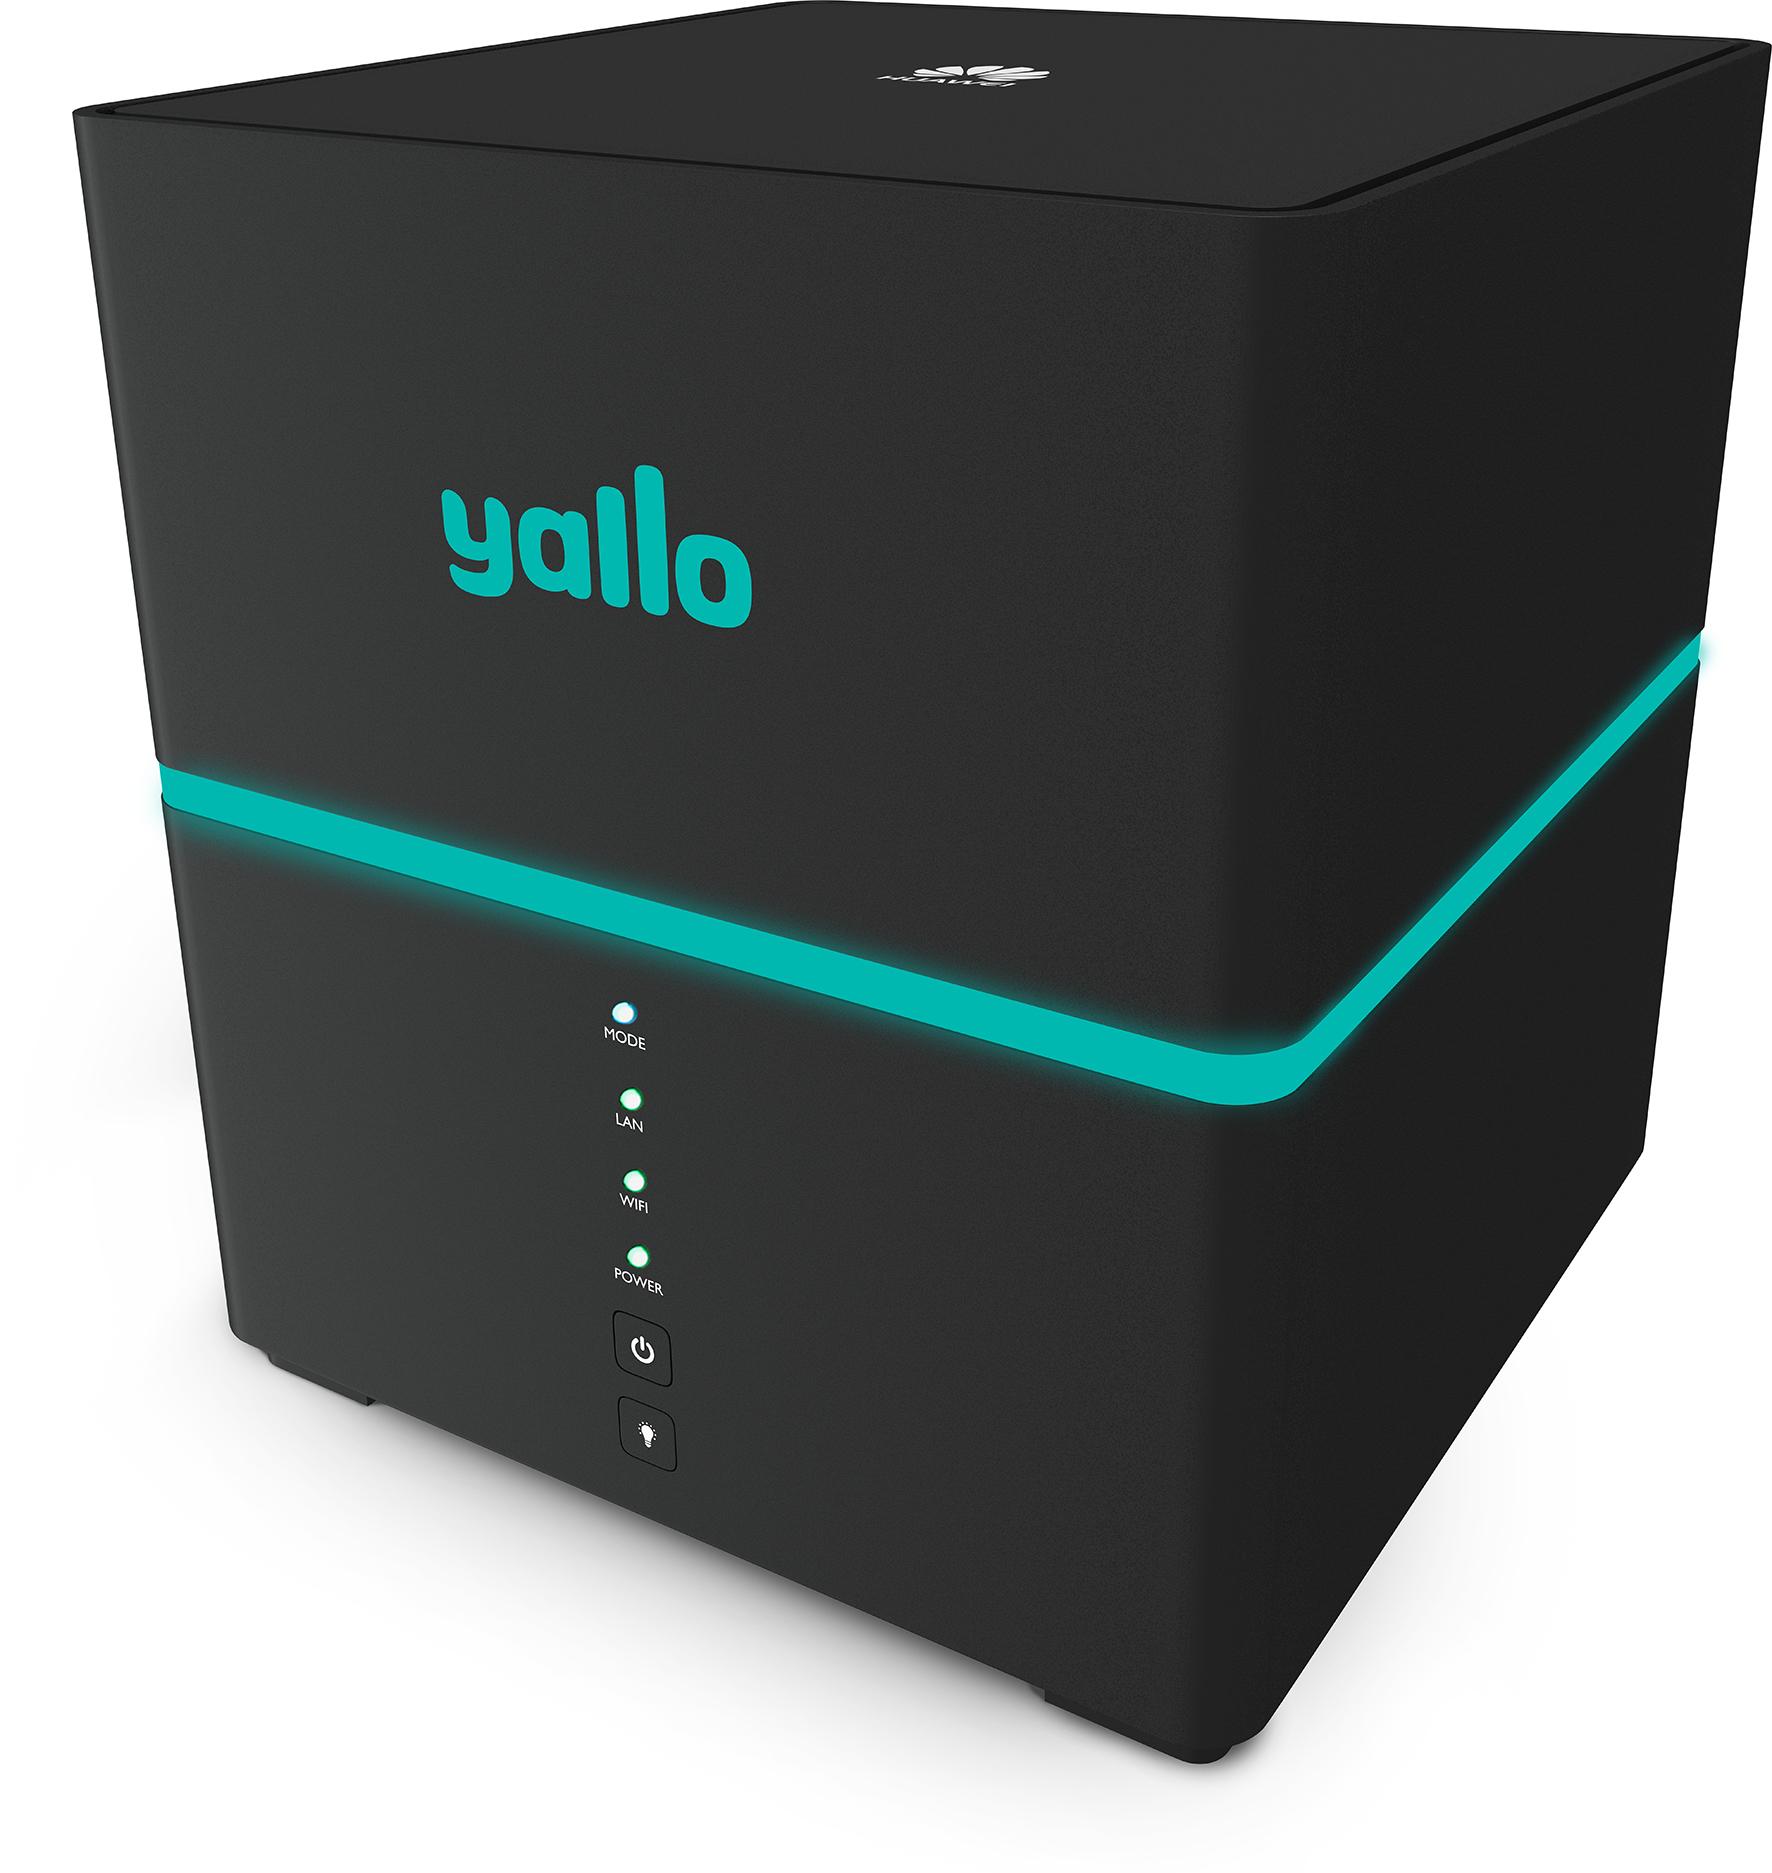 Yallo Home bringt Internet über 4G-Mobilfunknetz ins Haus ...